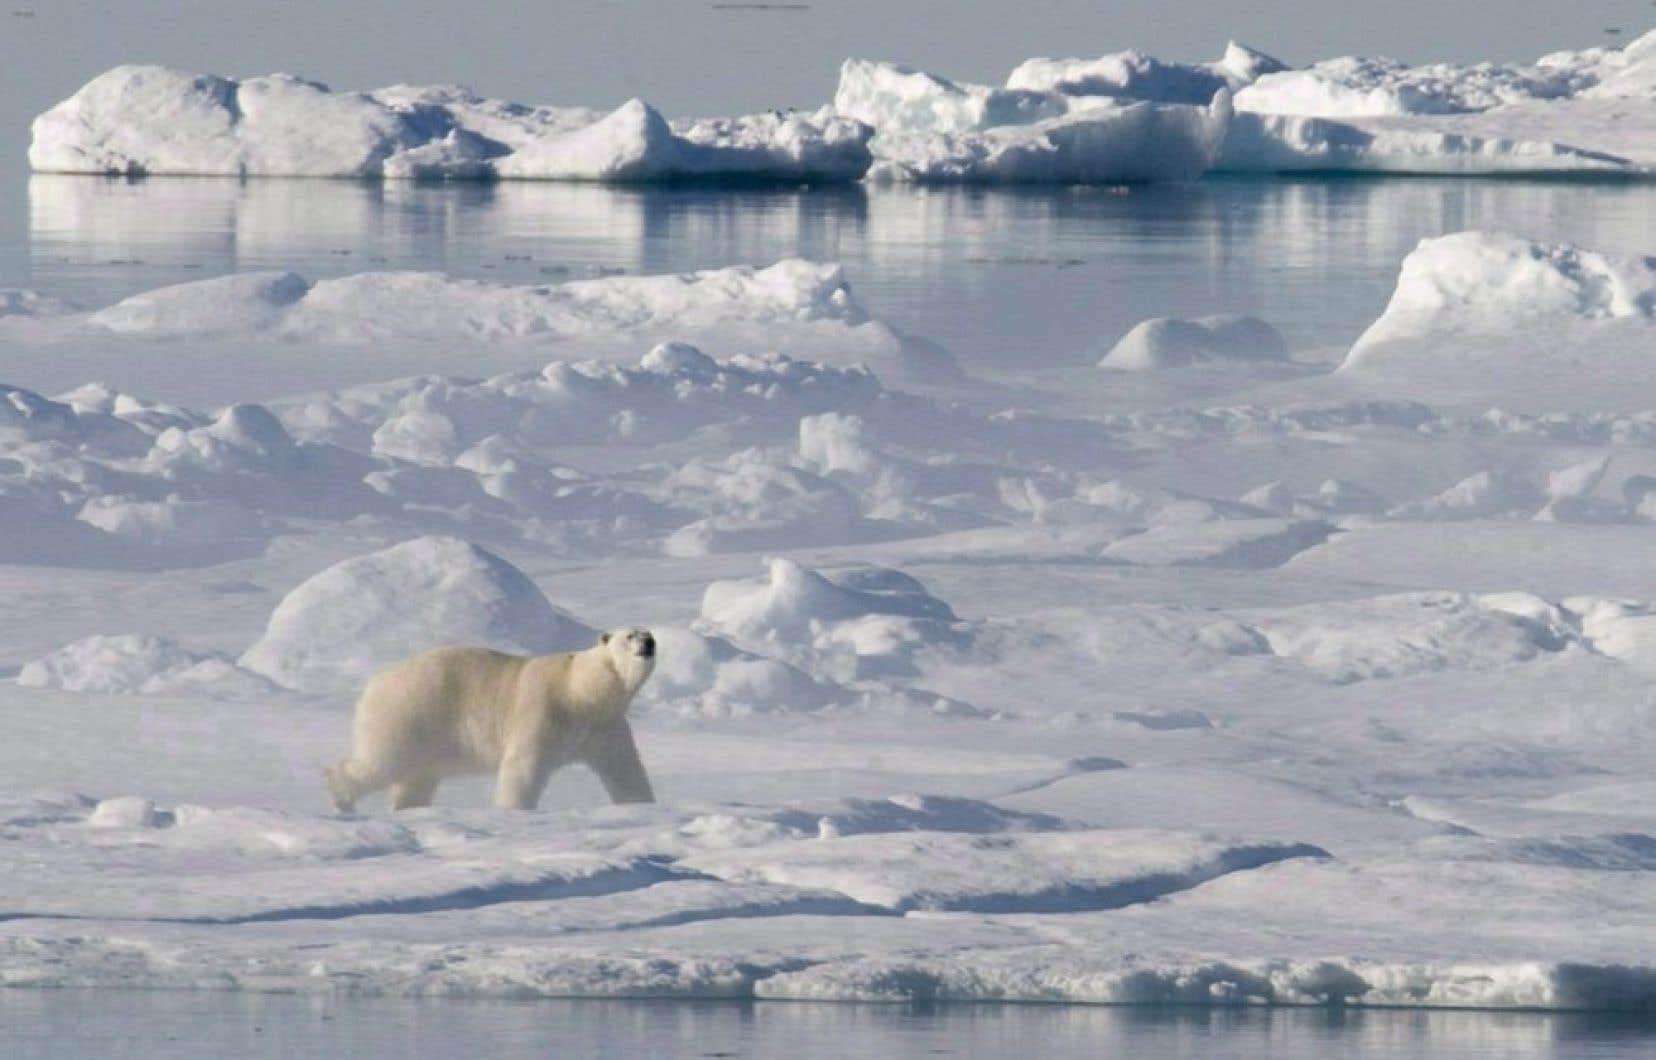 L'Arctique est de plus en plus fragilisée. Des scientifiques ont tiré récemment la sonnette d'alarme sur l'acidification «rapide» de l'océan Arctique due aux émissions de CO2, un phénomène lourd de menaces pour le fragile écosystème de la région.